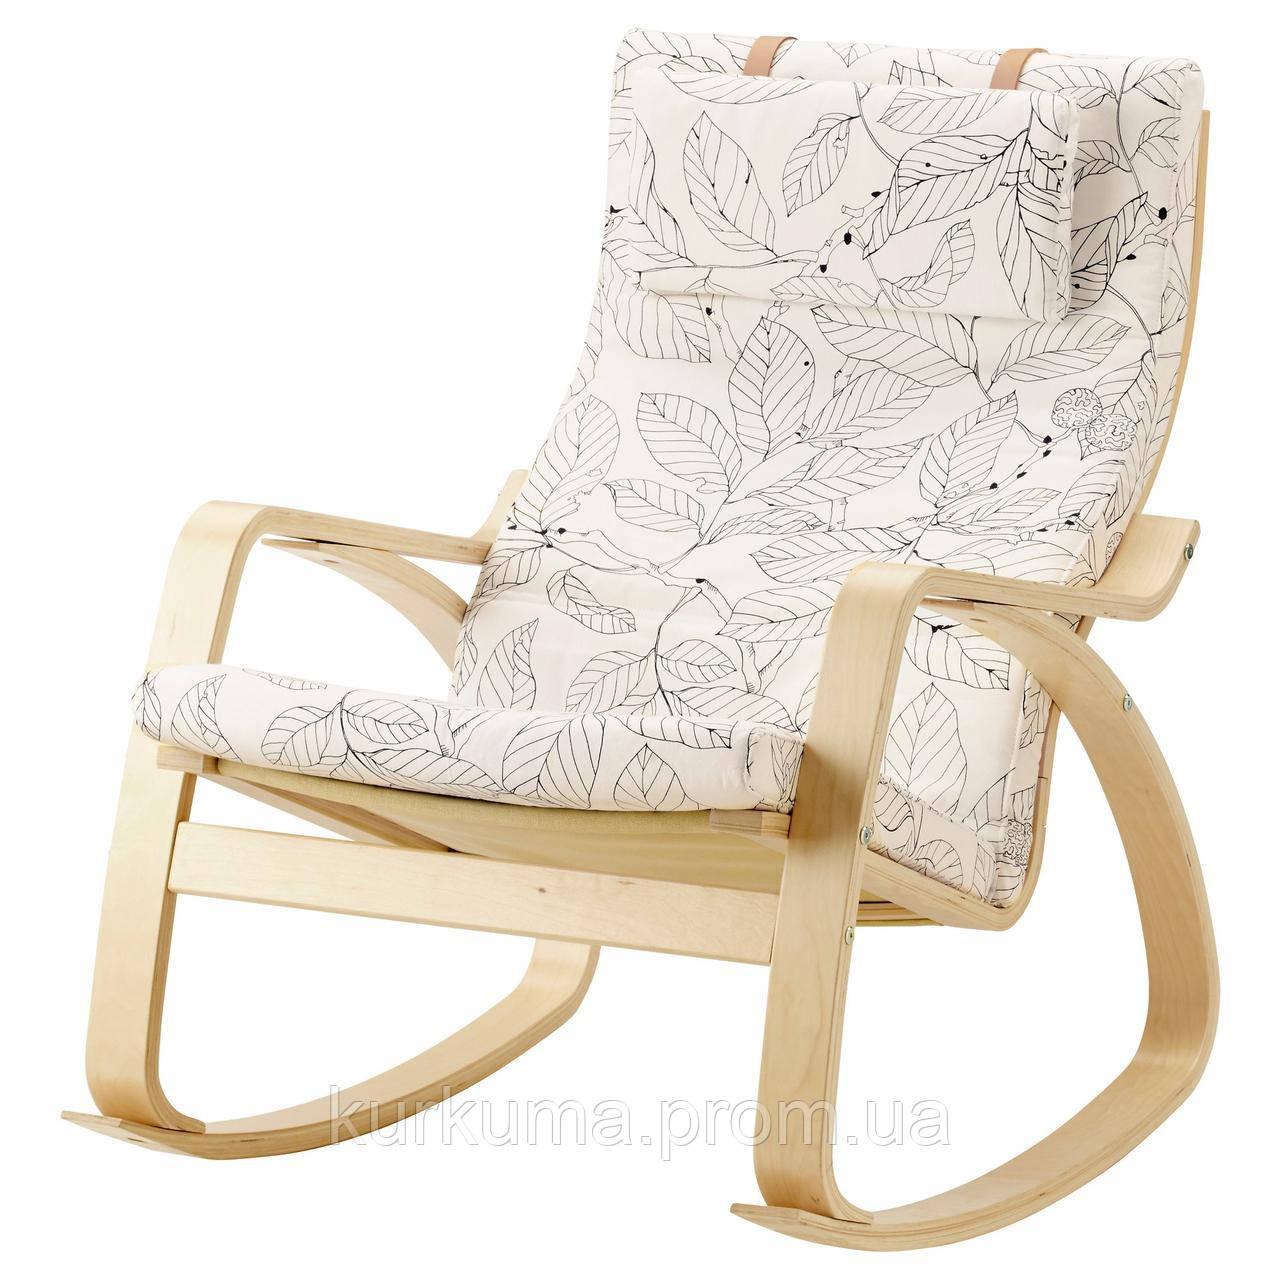 IKEA POANG Кресло-качалка, березовый шпон, Висланде черный/белый  (491.812.64)